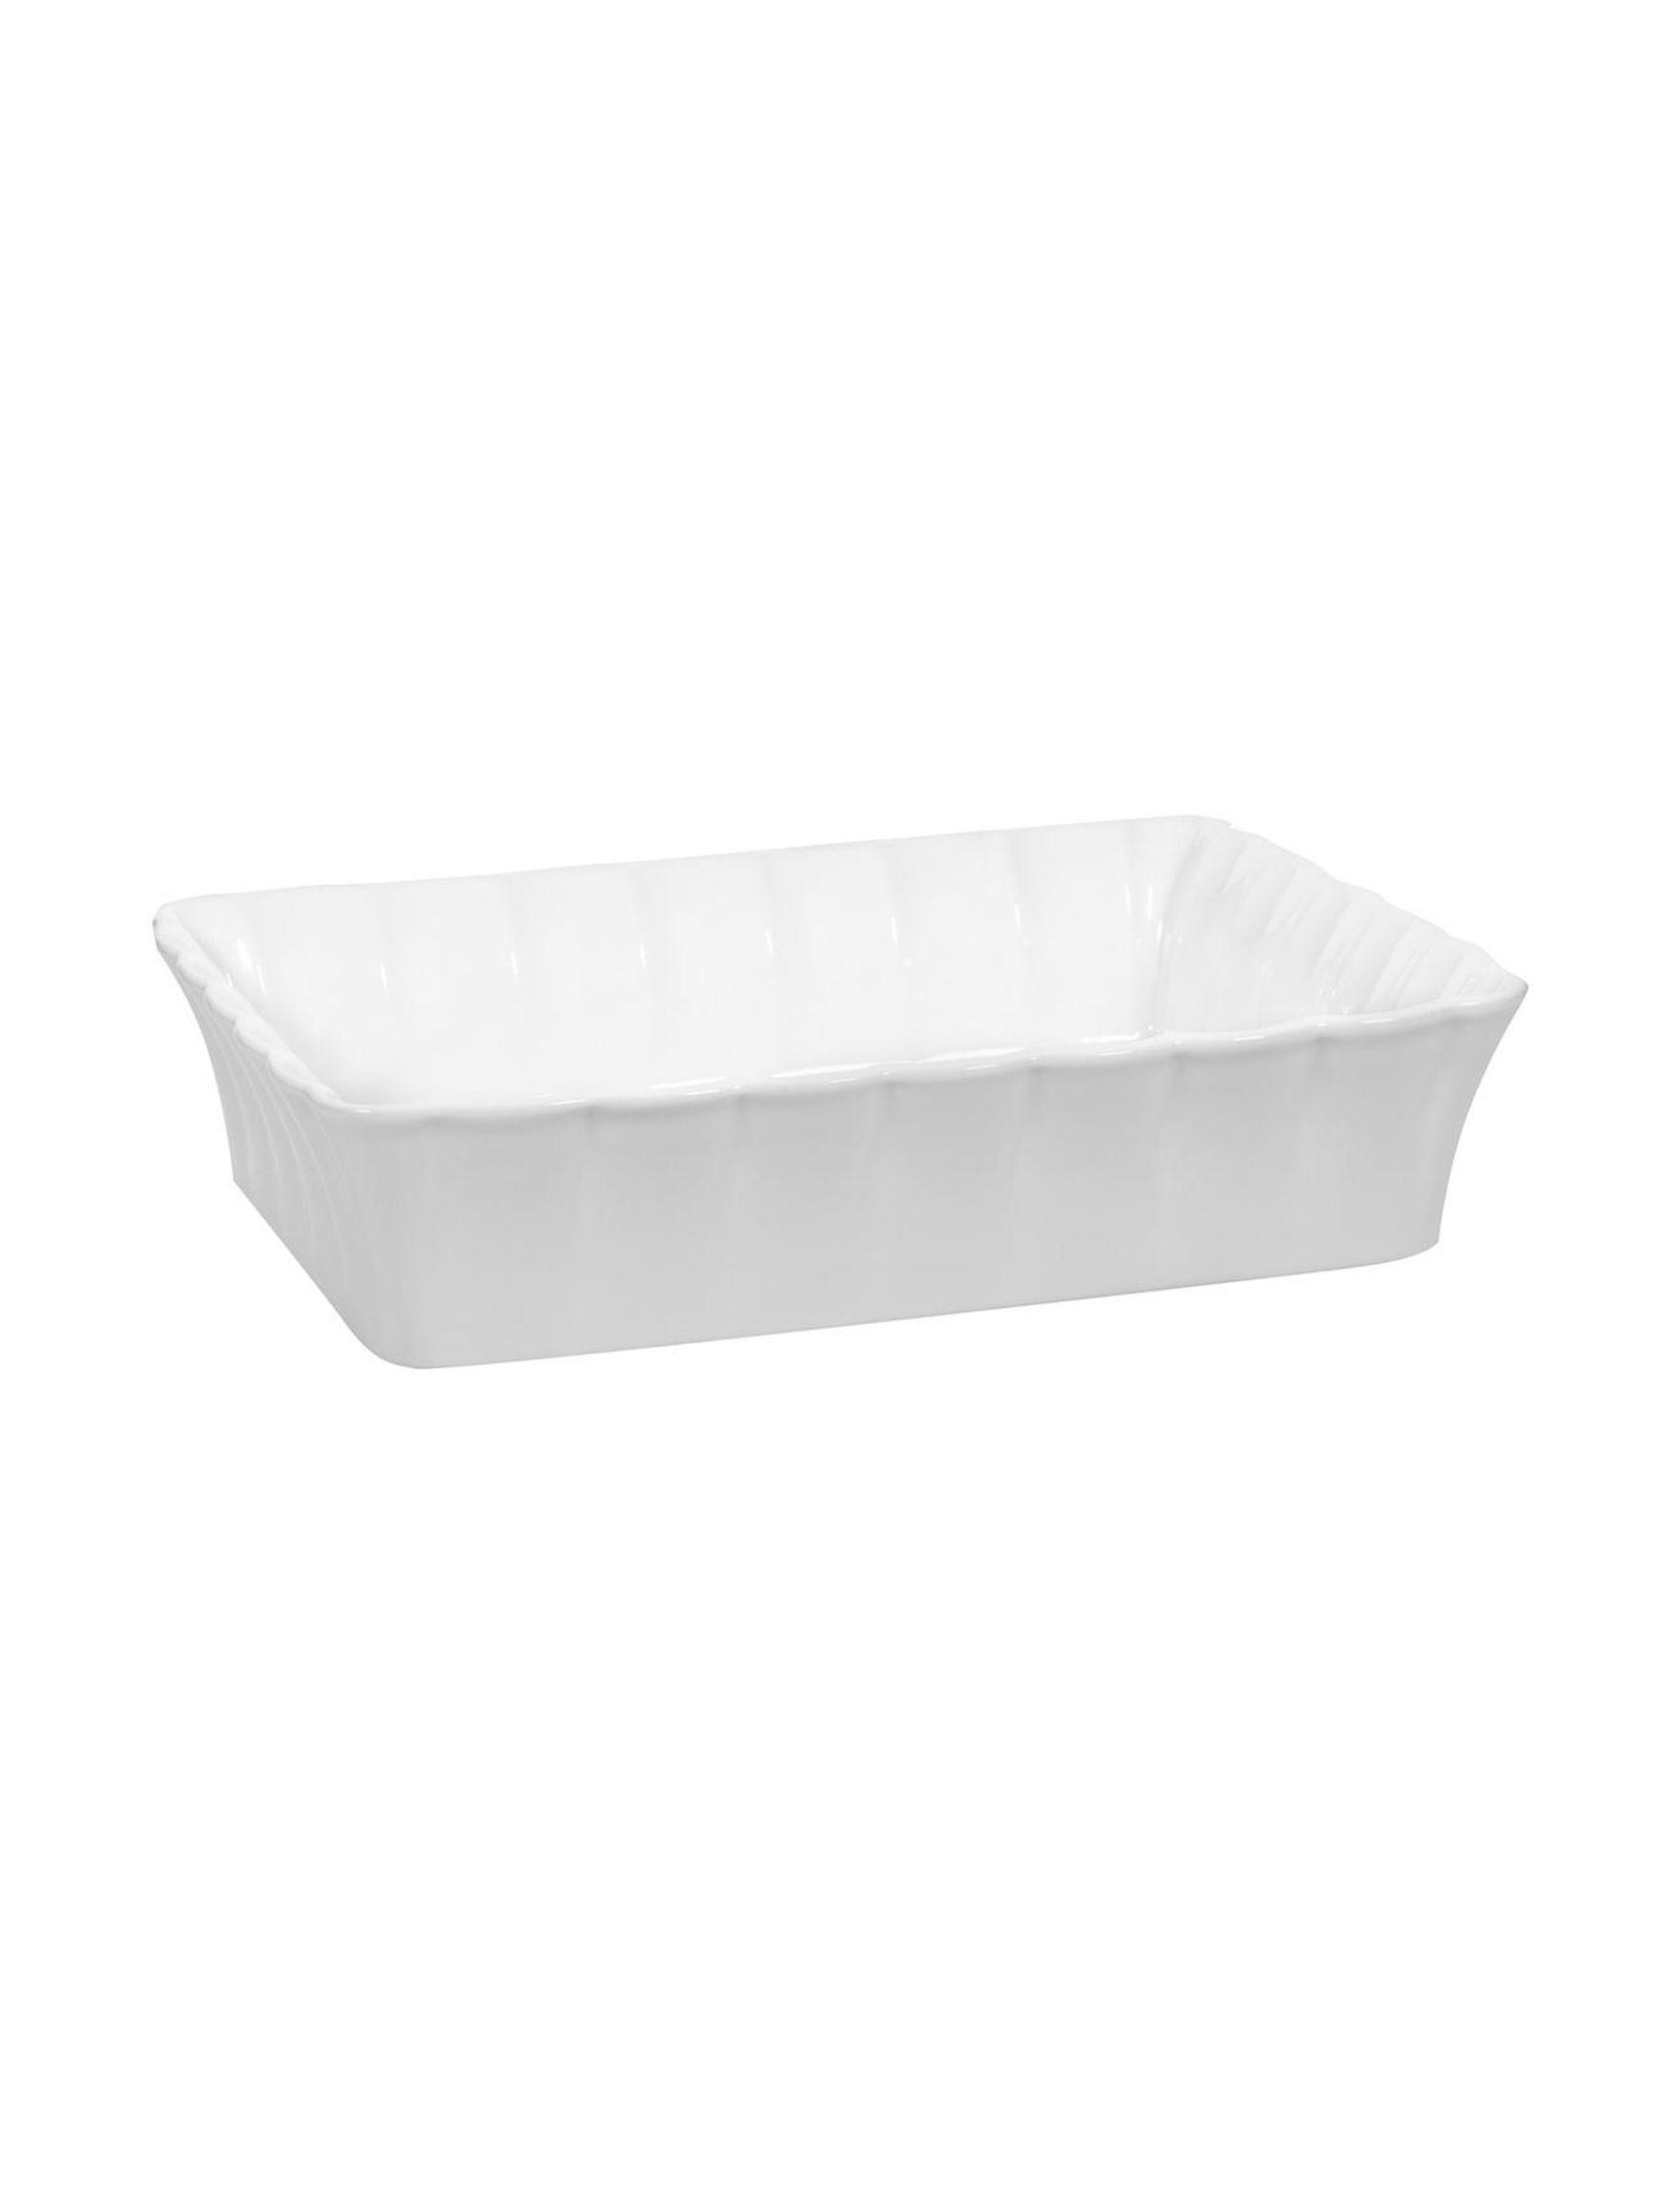 Home Essentials  Baking & Casserole Dishes Bakeware Serveware